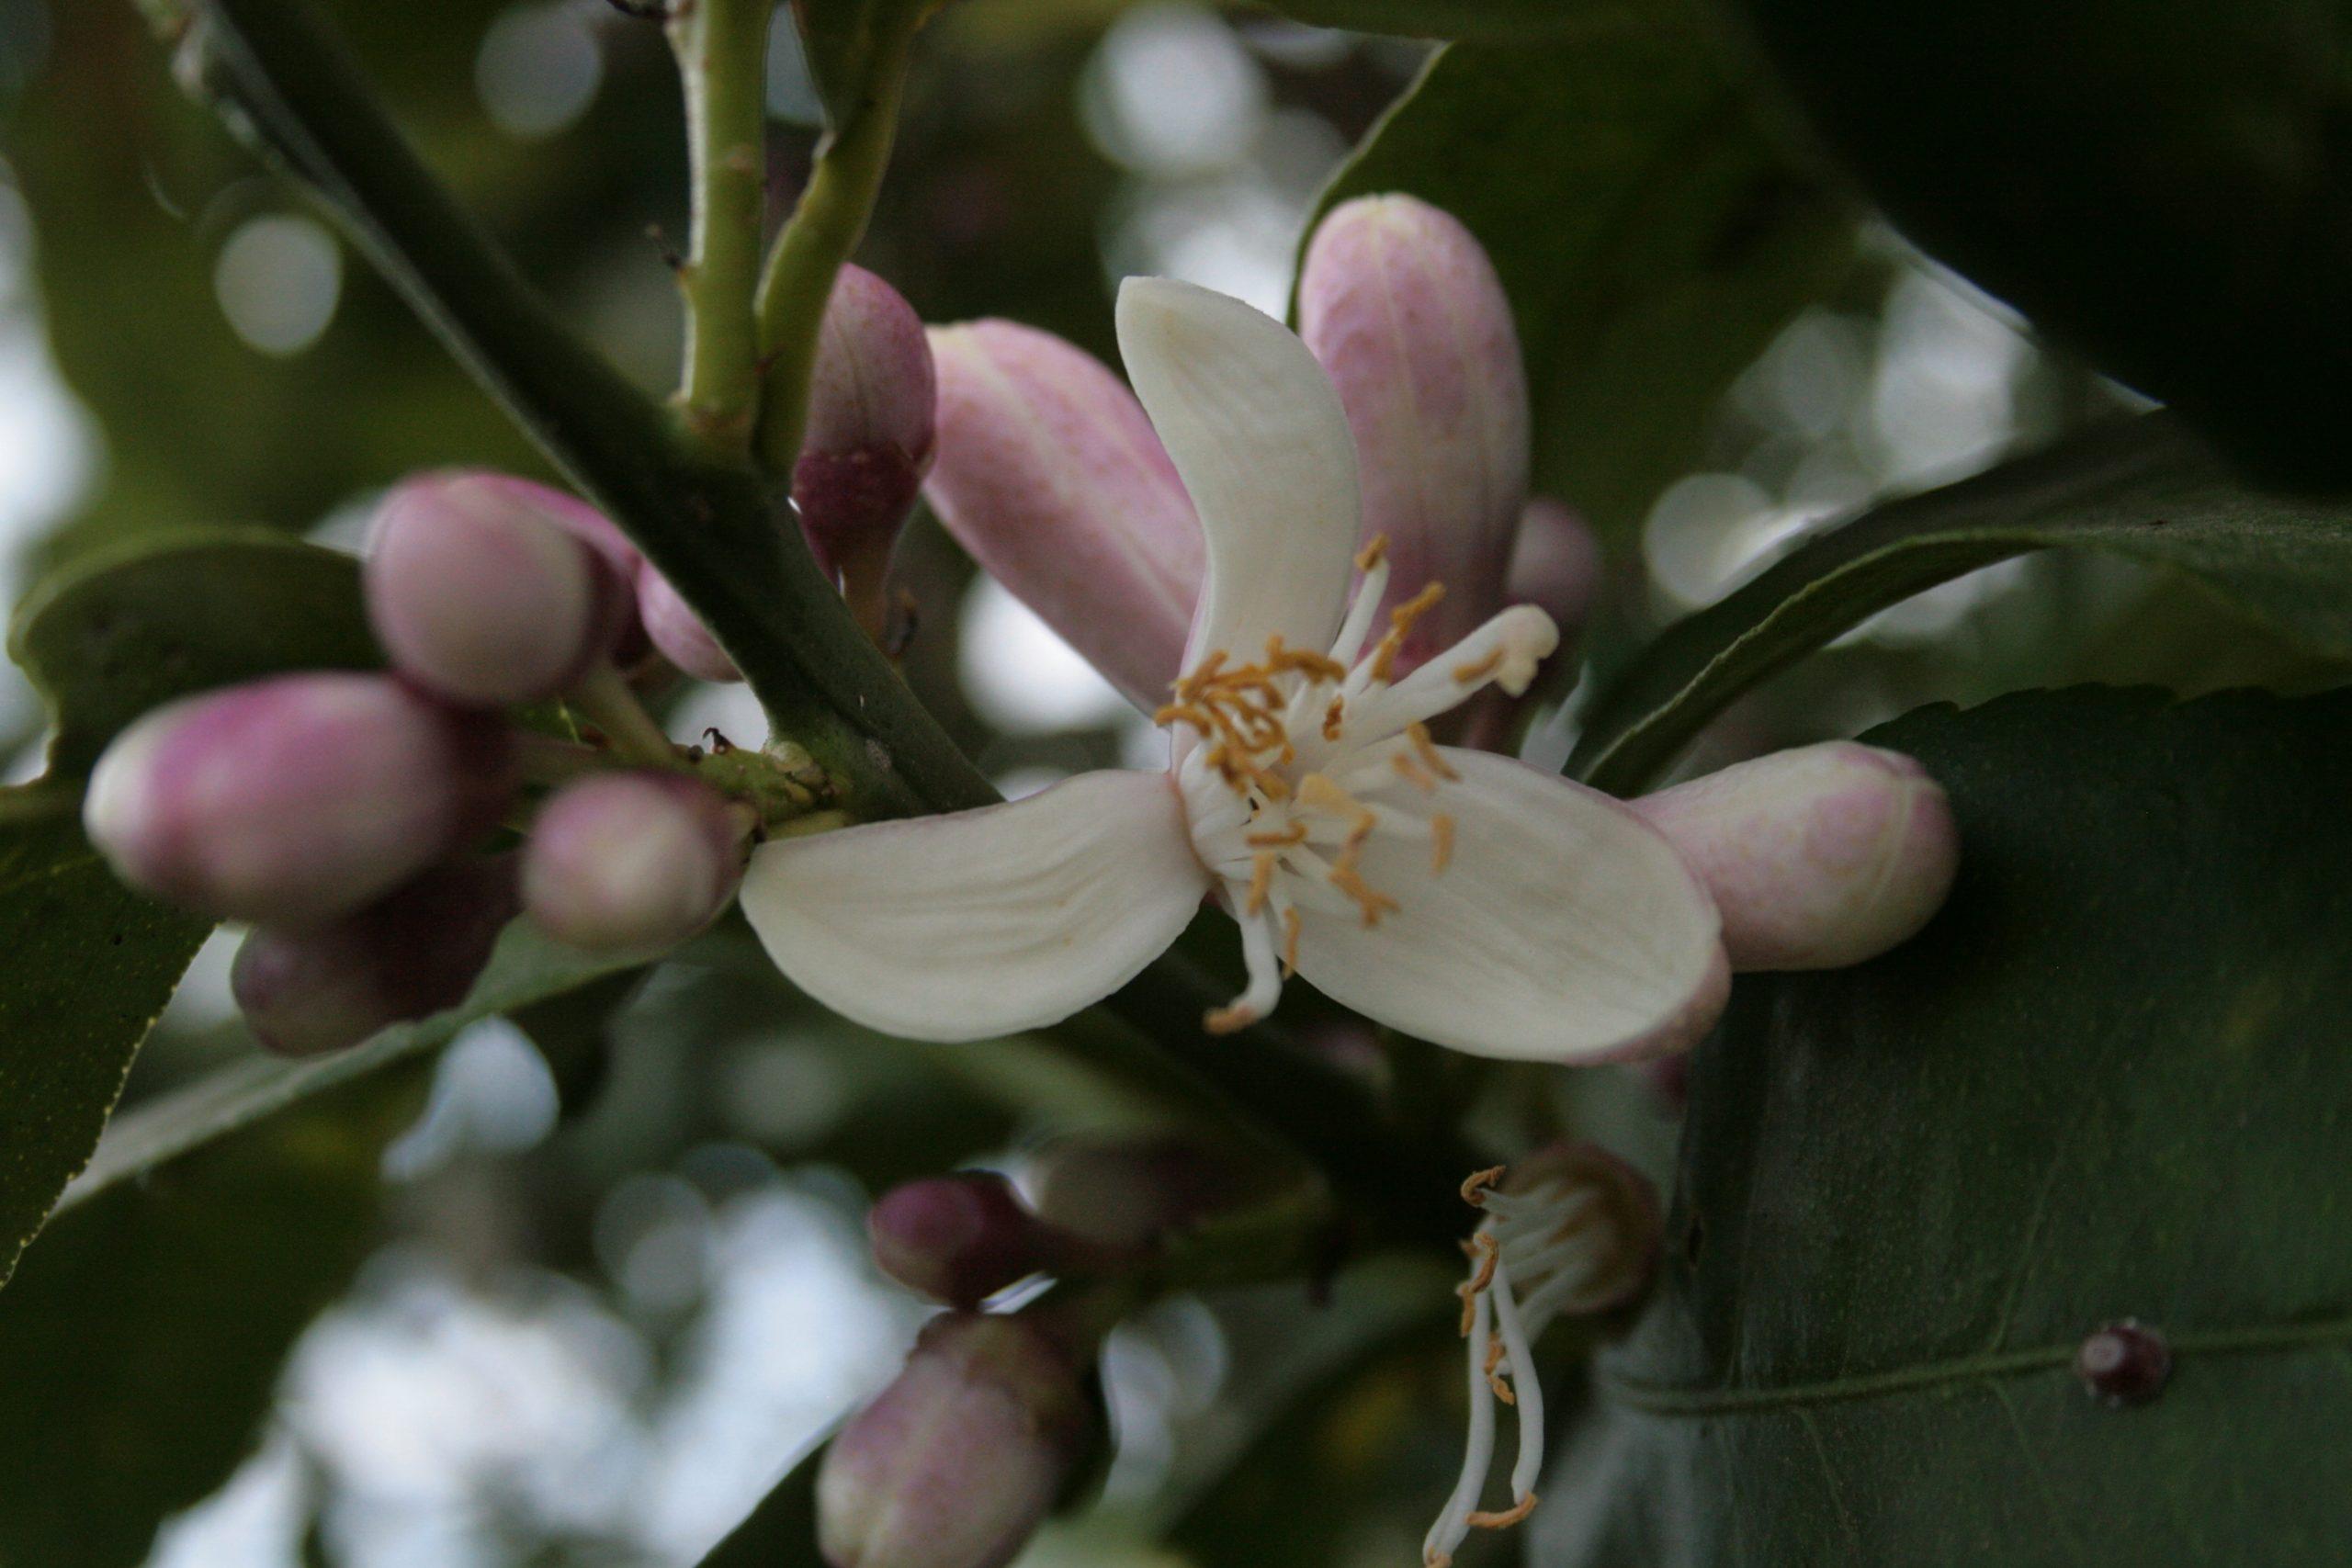 Zitronenblüte von sizilianischen Bio-Zitronen